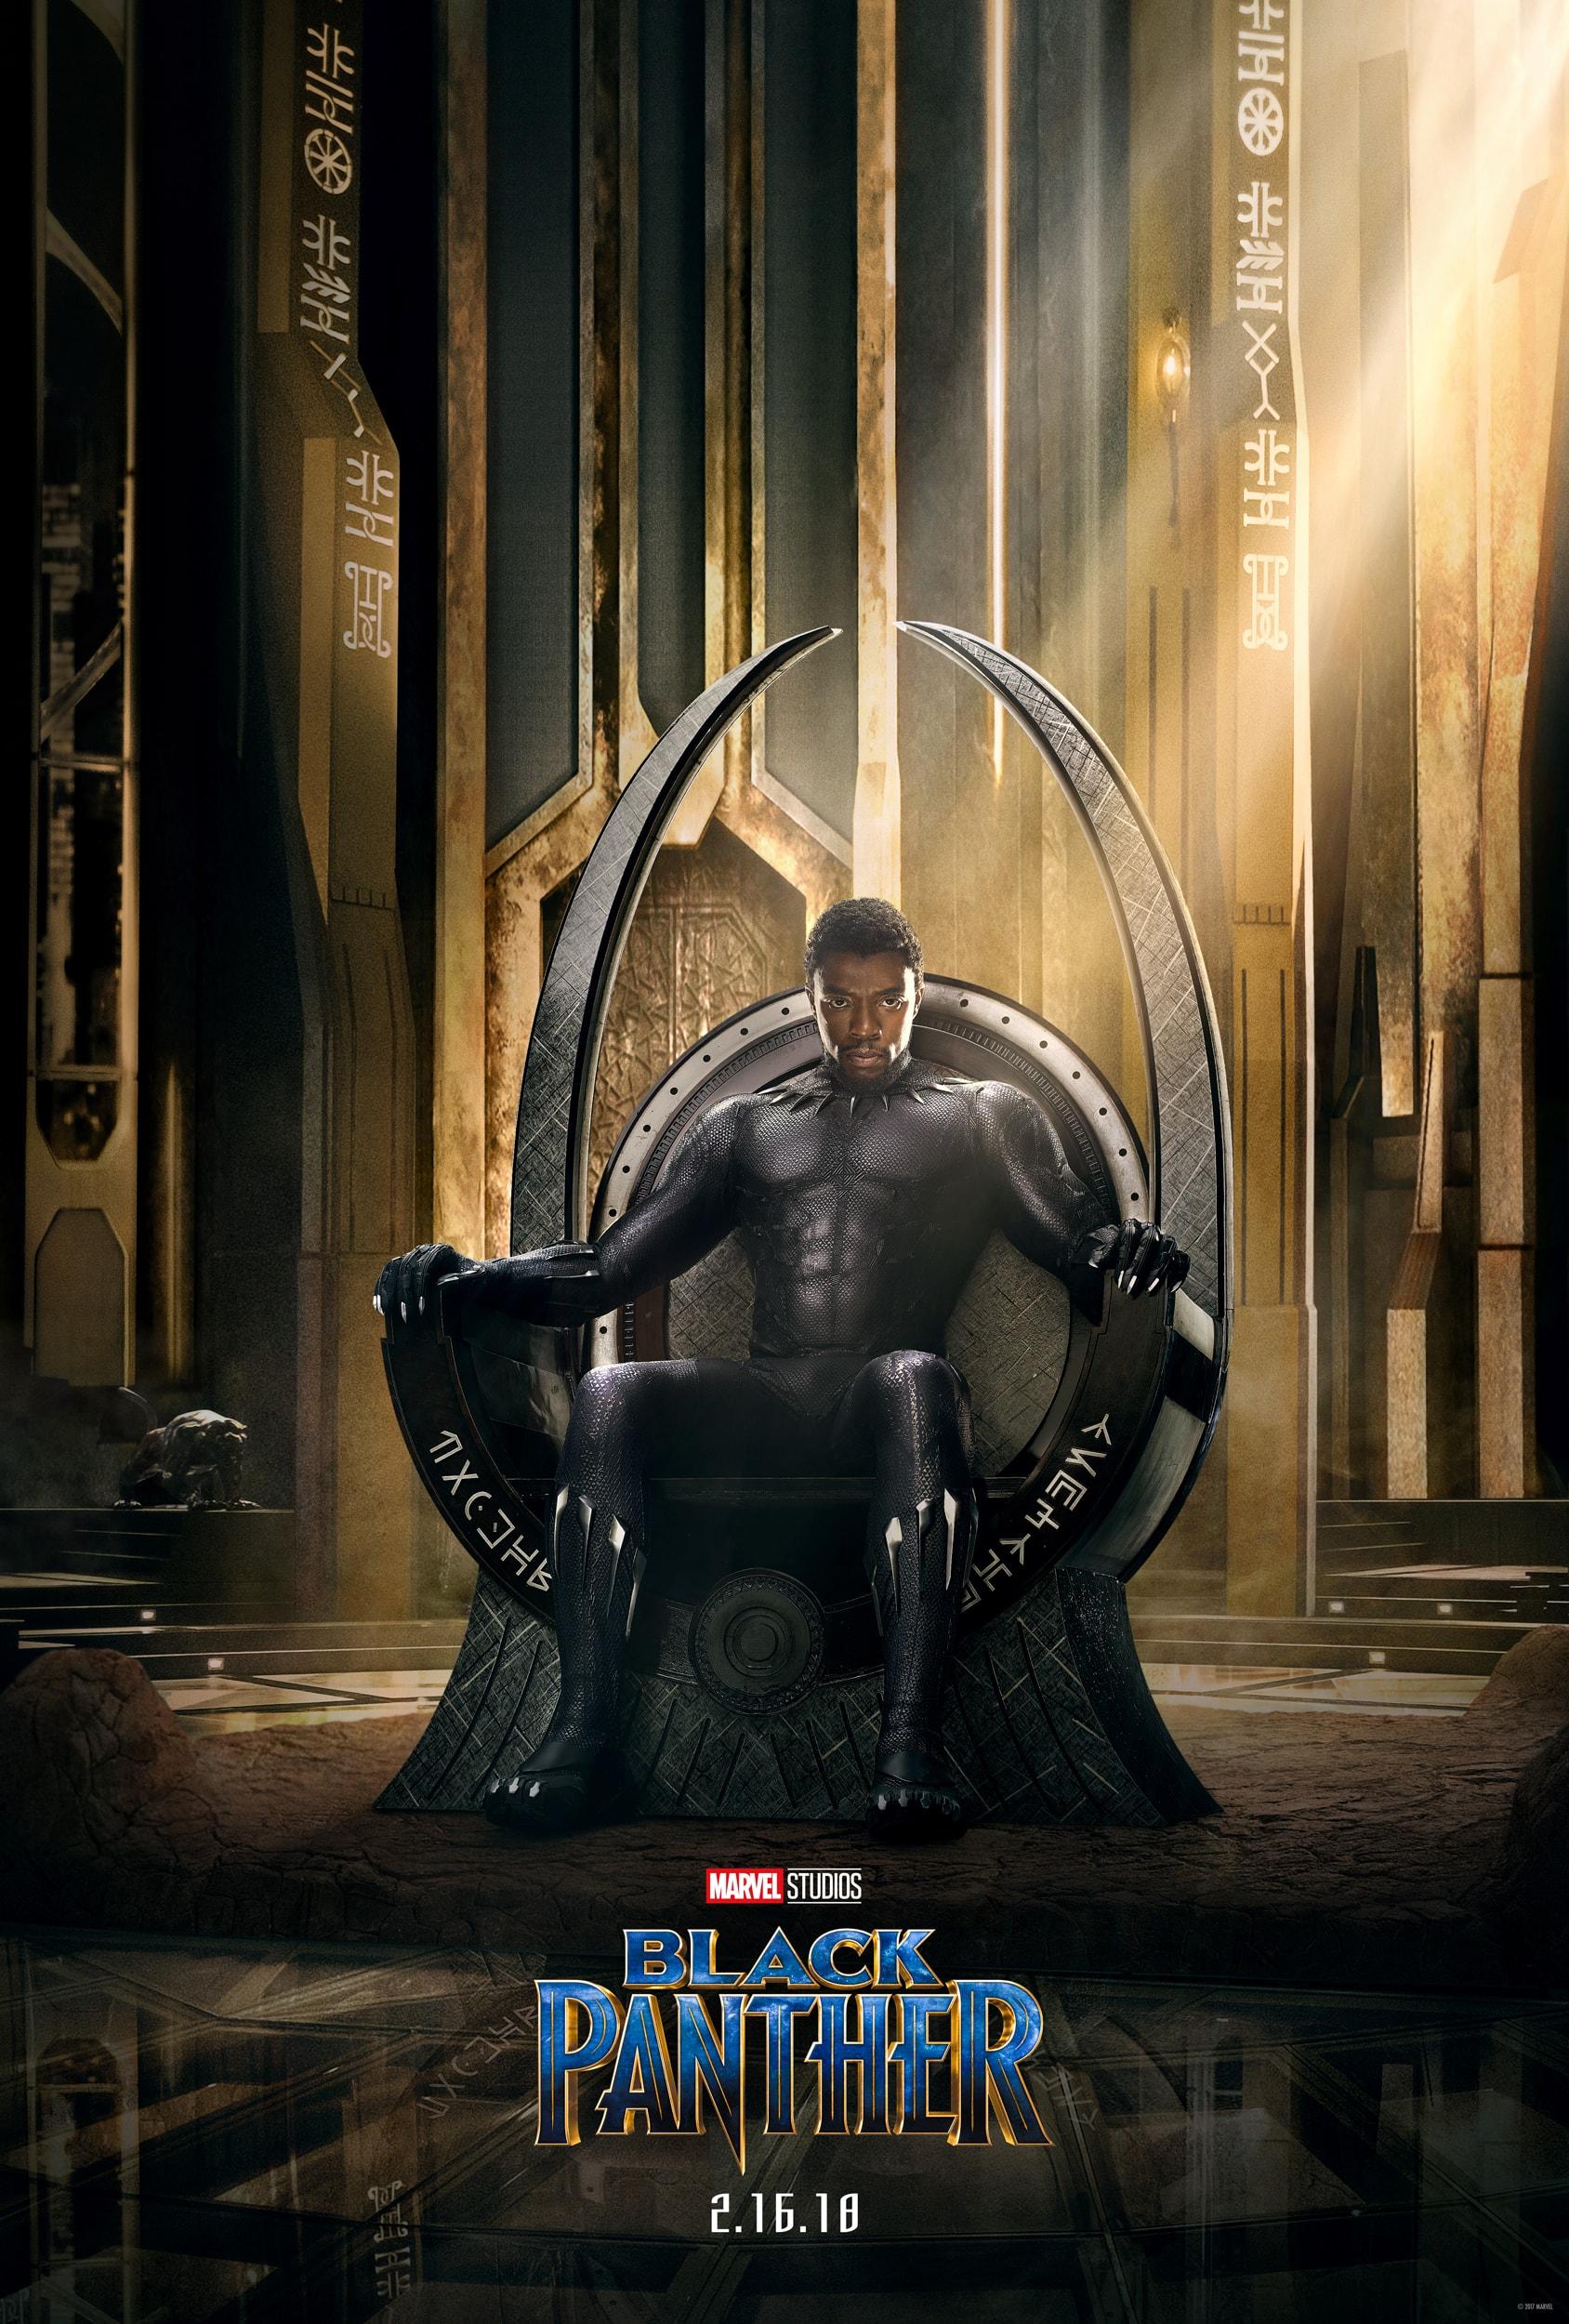 black-panther-movie-poster-teaser-min (1).jpg